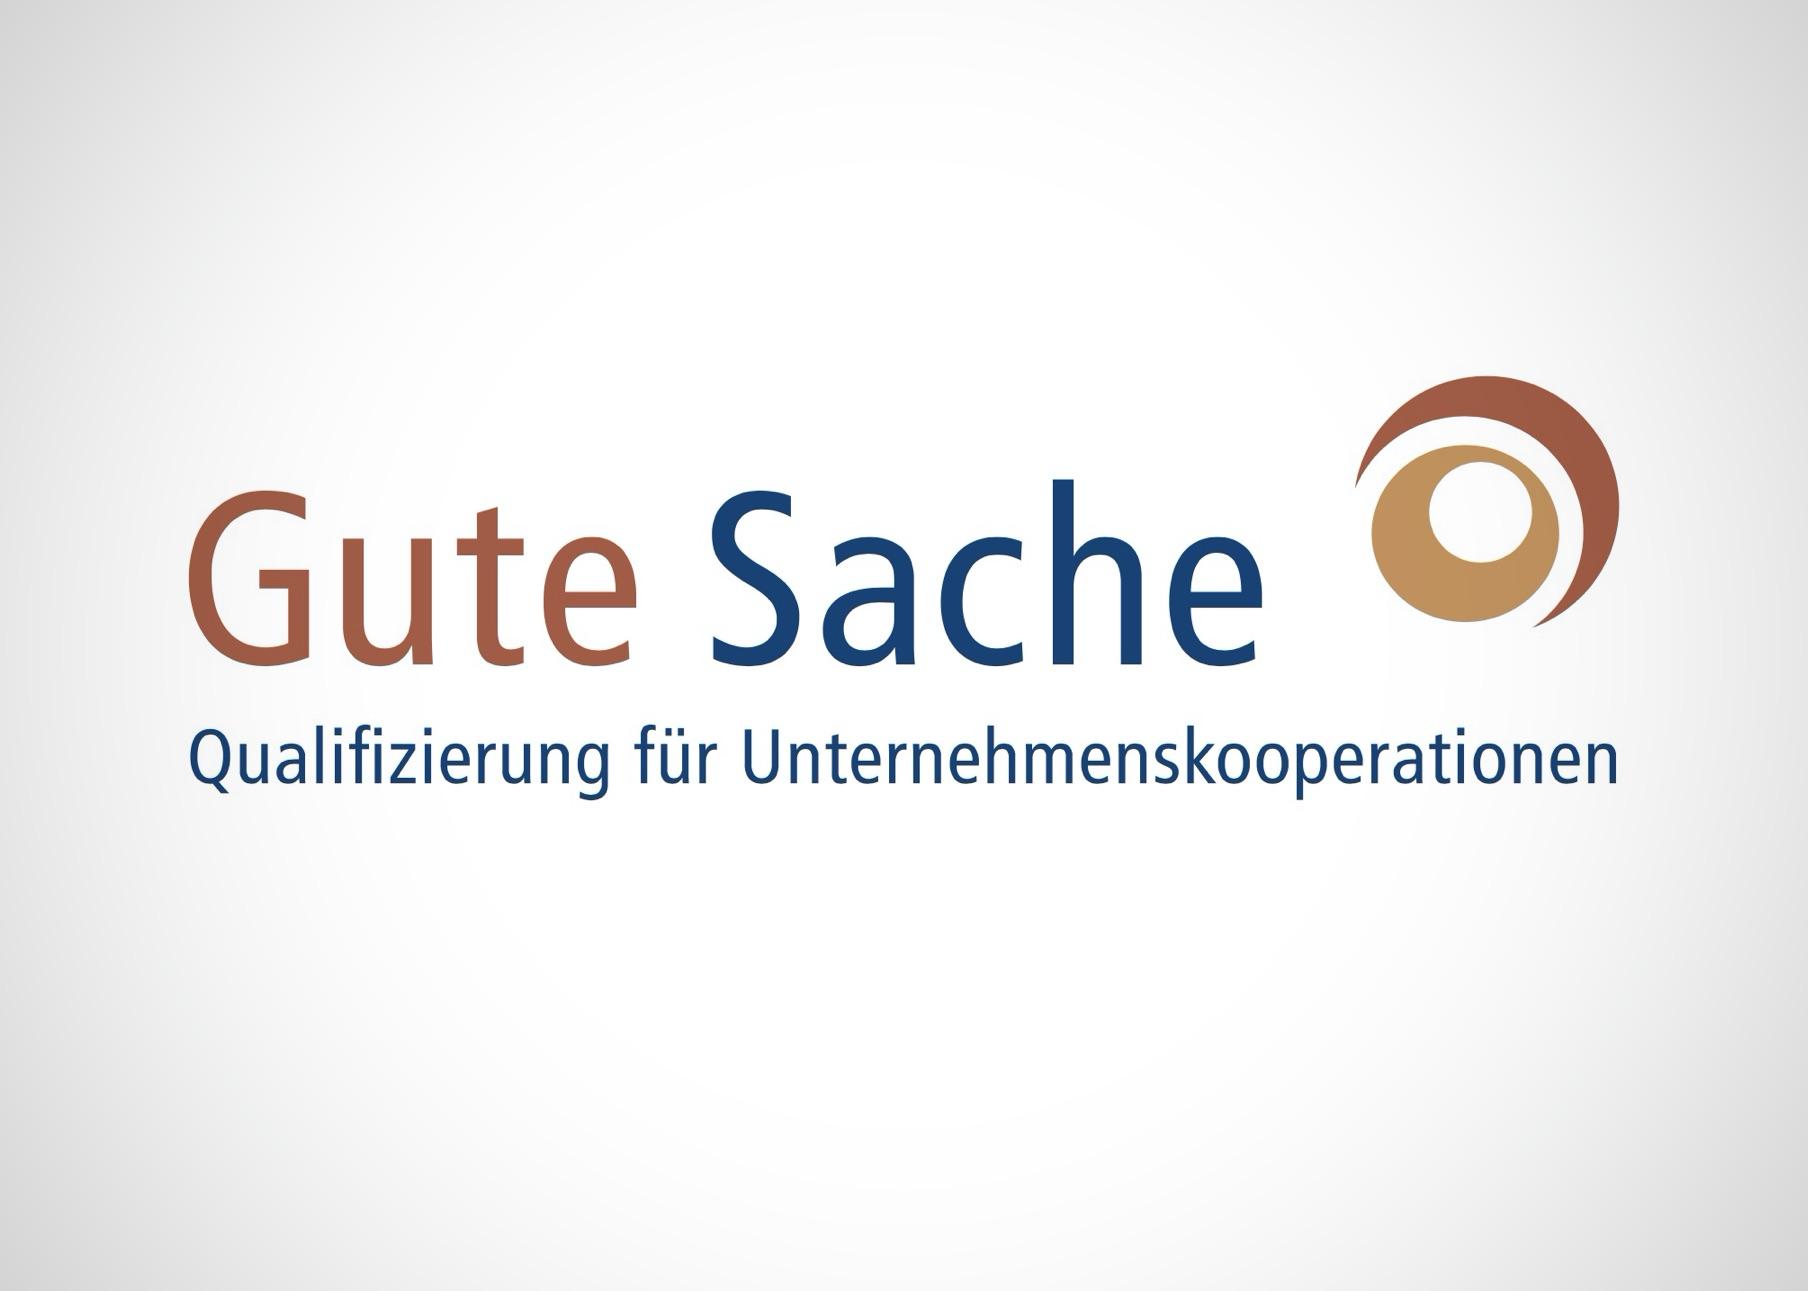 Gute Sache – Qualifizierung für Unternehmenskooperationen.